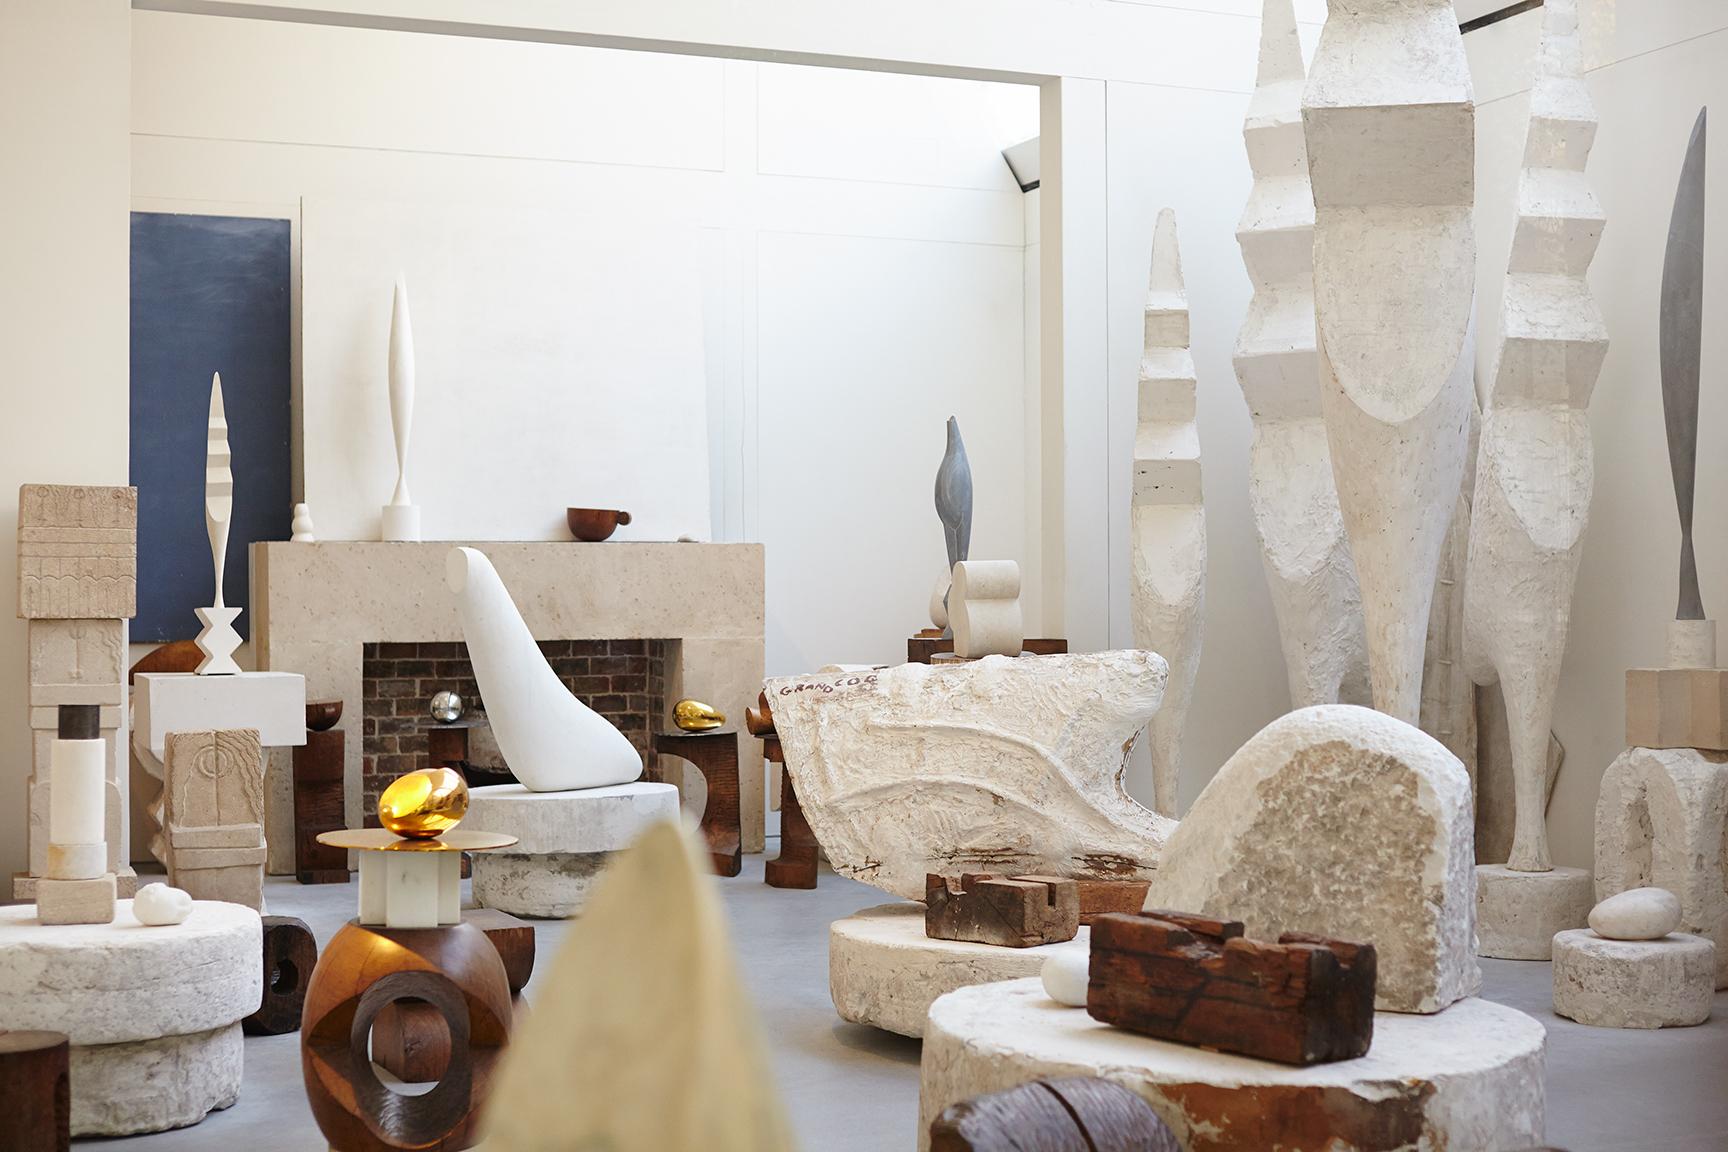 Constantin Brancusi , Artist studio visit, I